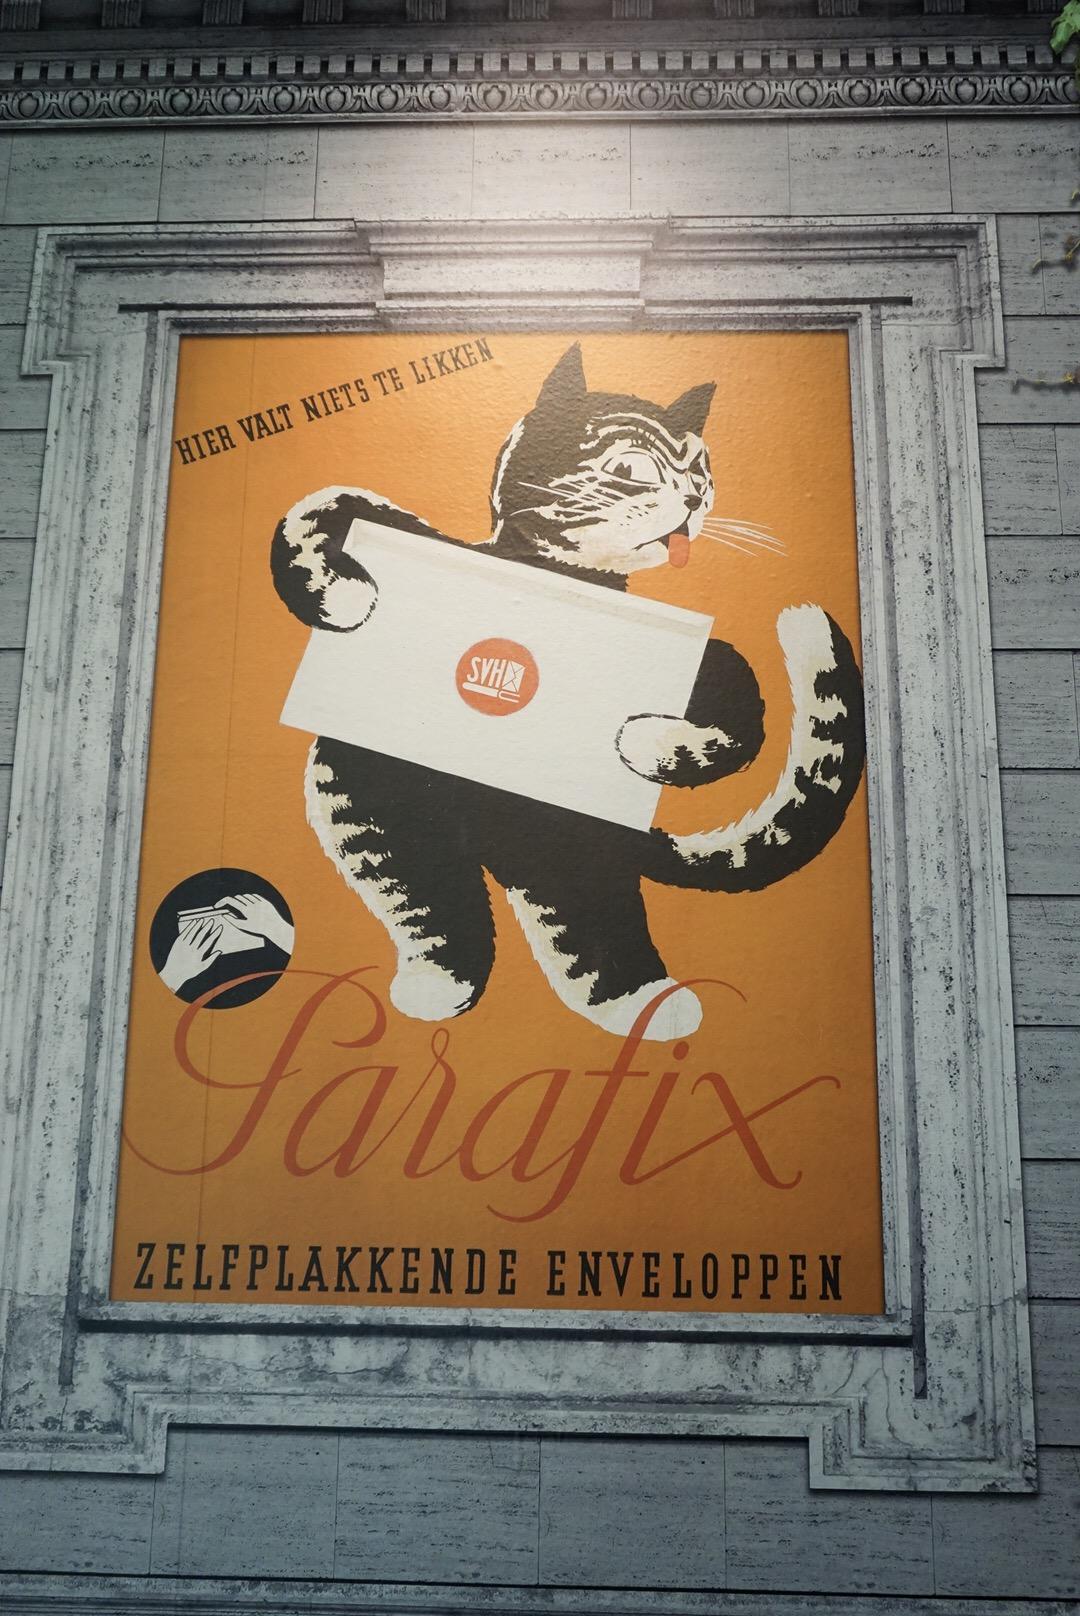 Kattenliefde exhibition zelfplakkende enveloppen